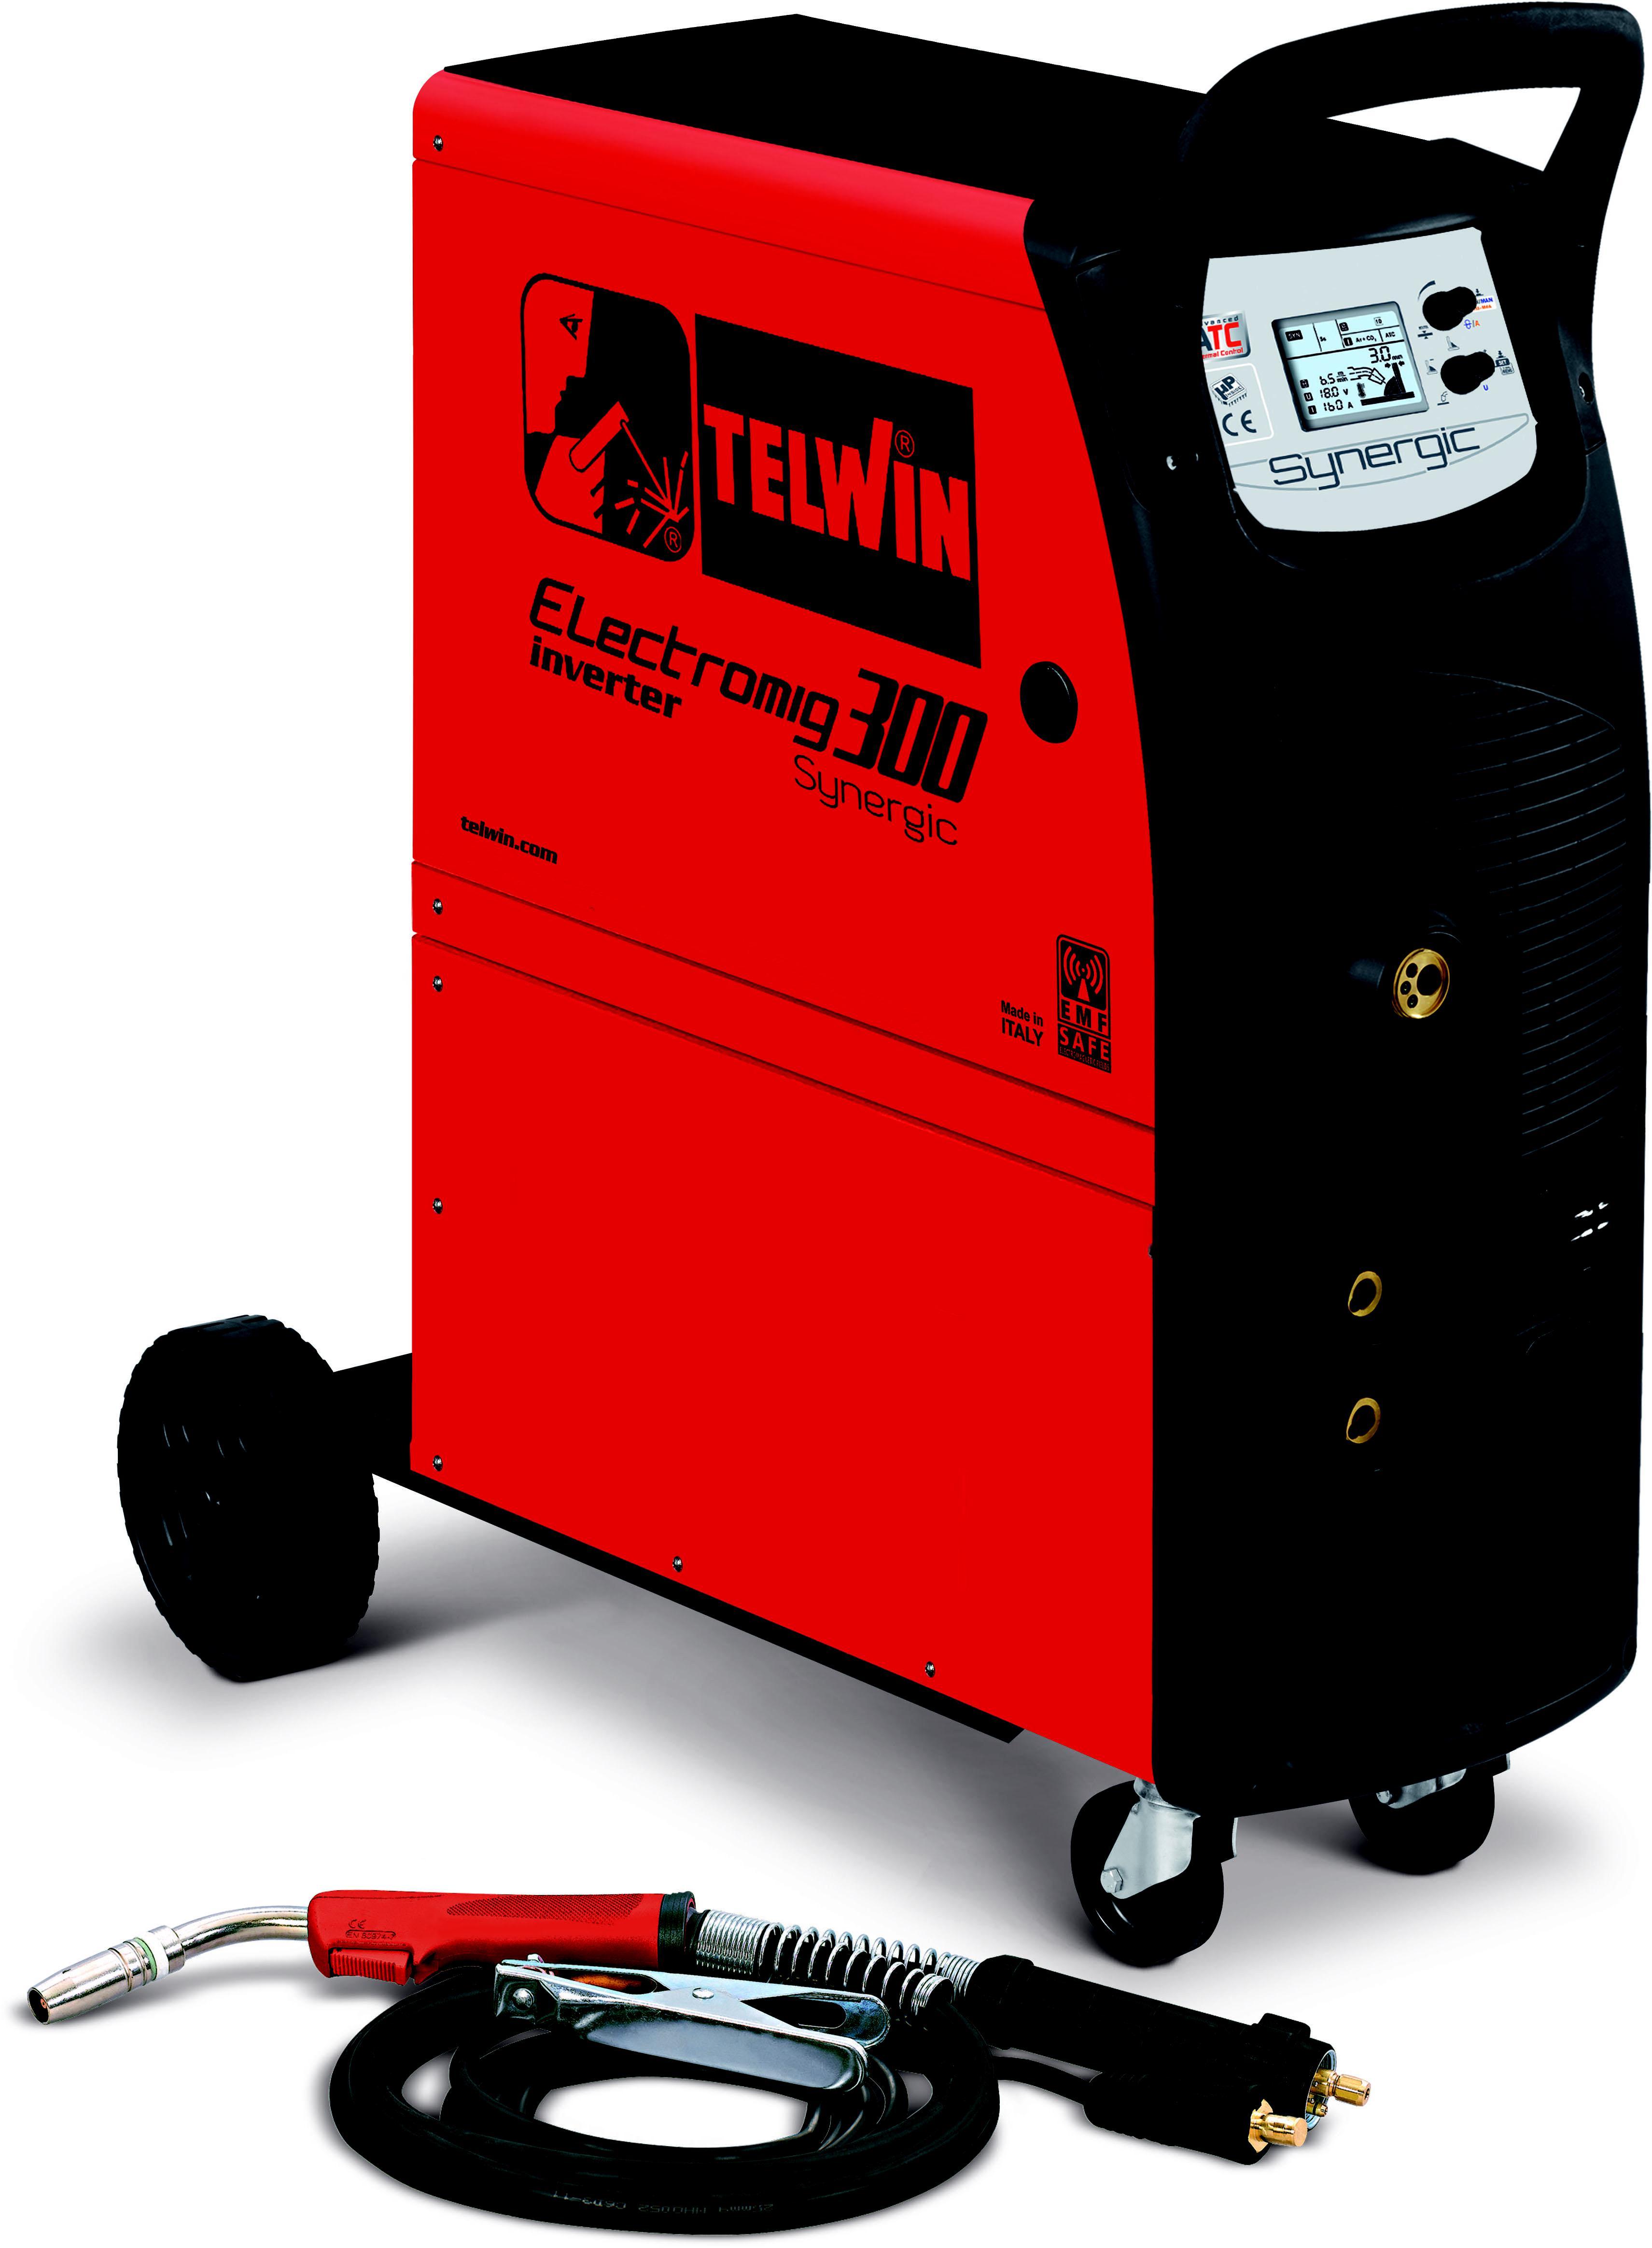 Купить Сварочный аппарат Telwin Electromig 300 synergic 400v